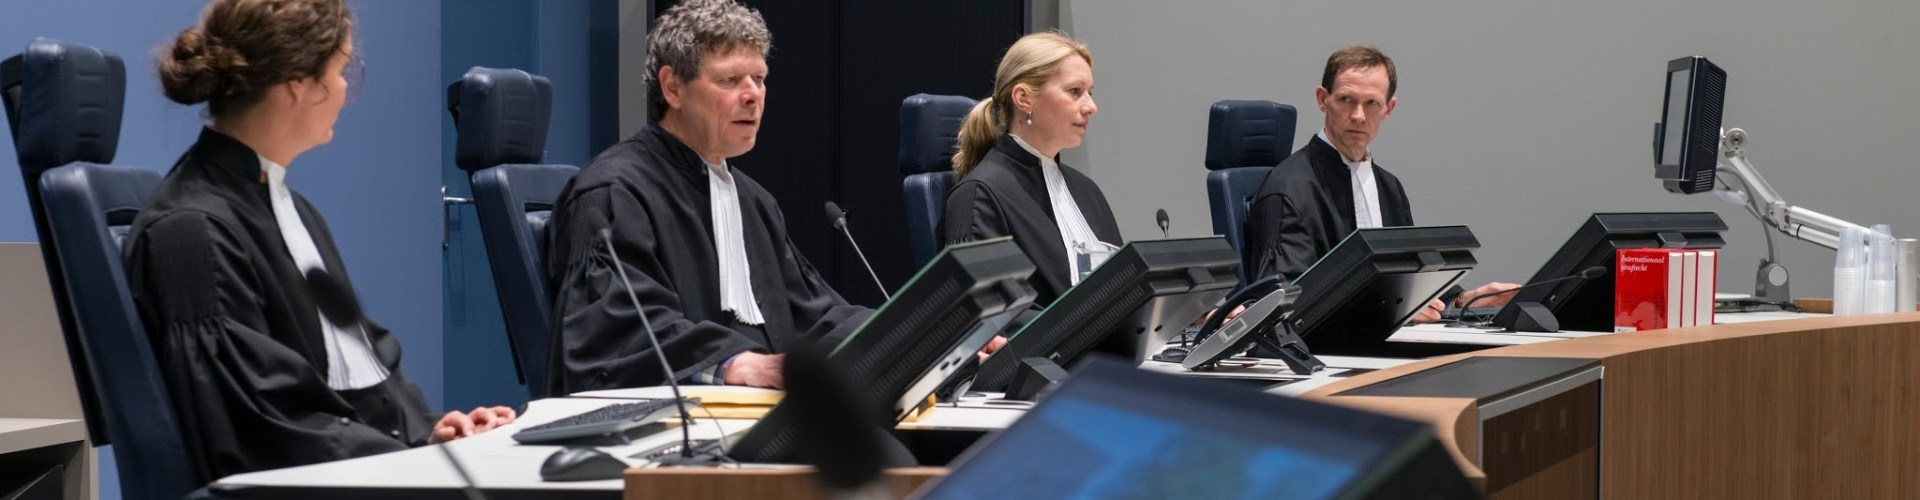 Vernietiging besluit VvE Rechtbank